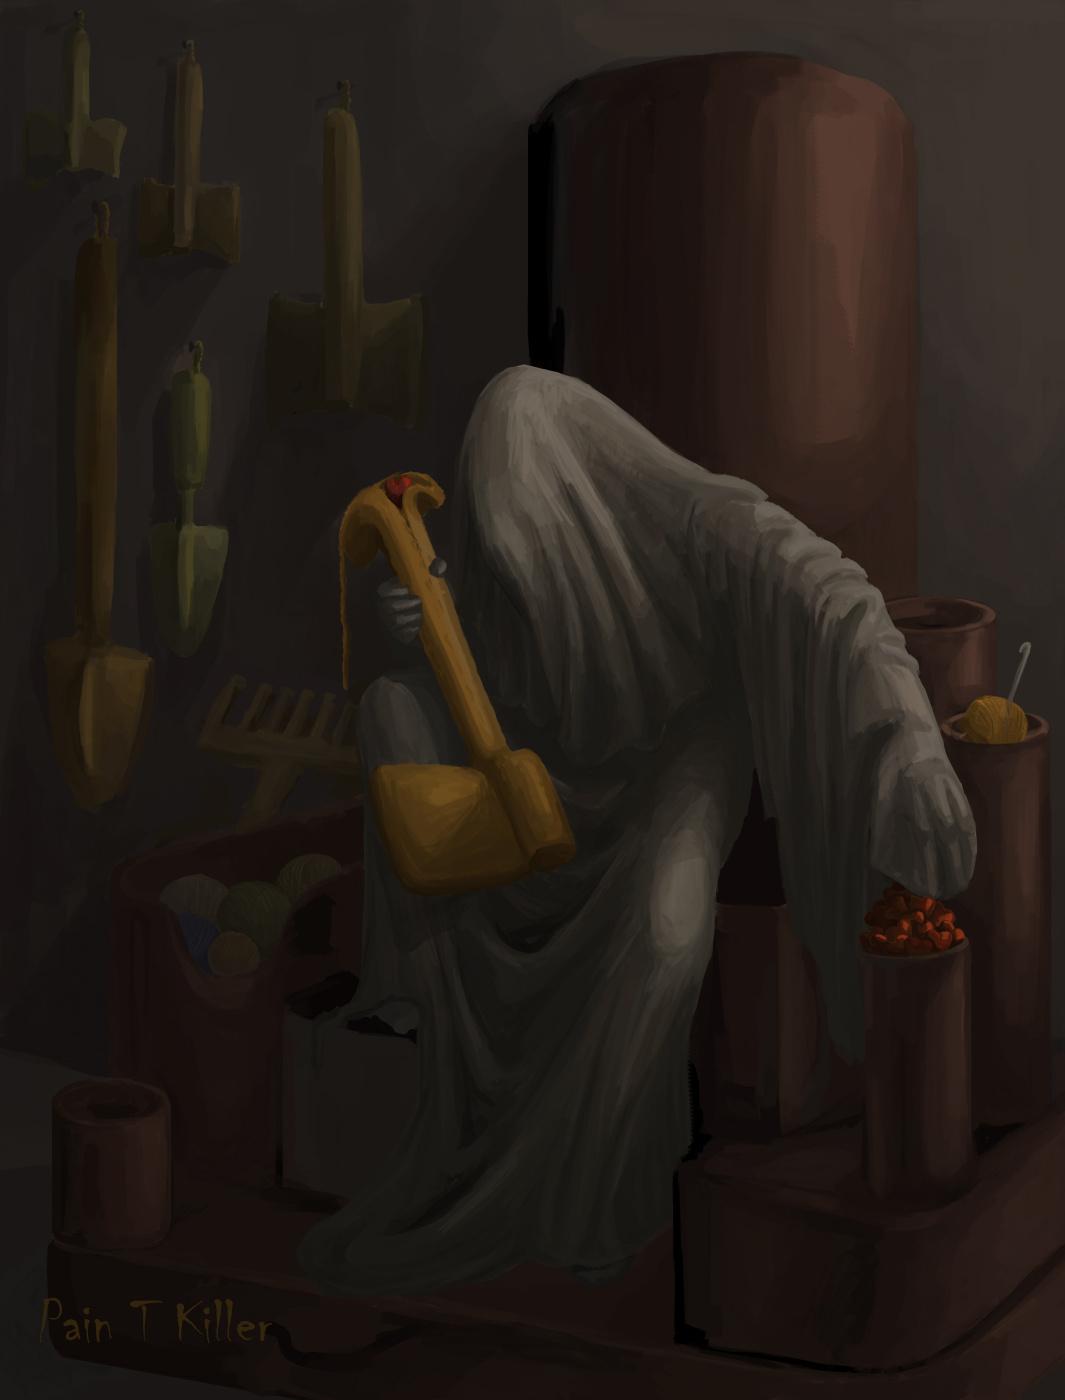 Pain T Killer. Monk